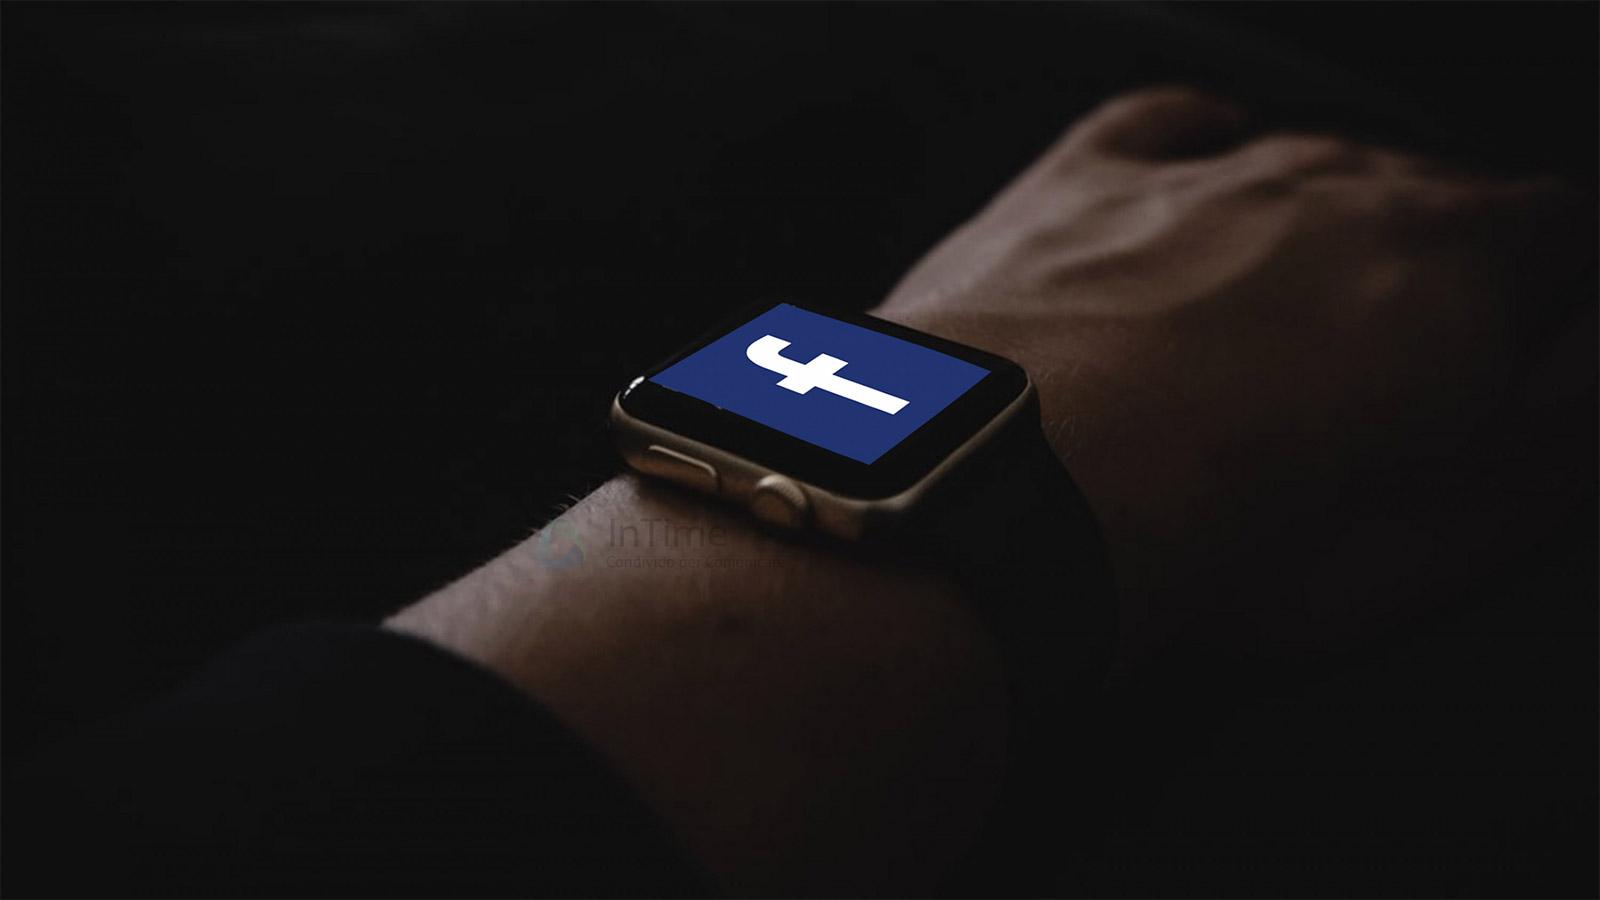 Facebook è pronta a lanciare il suo smartwatch nel 2022